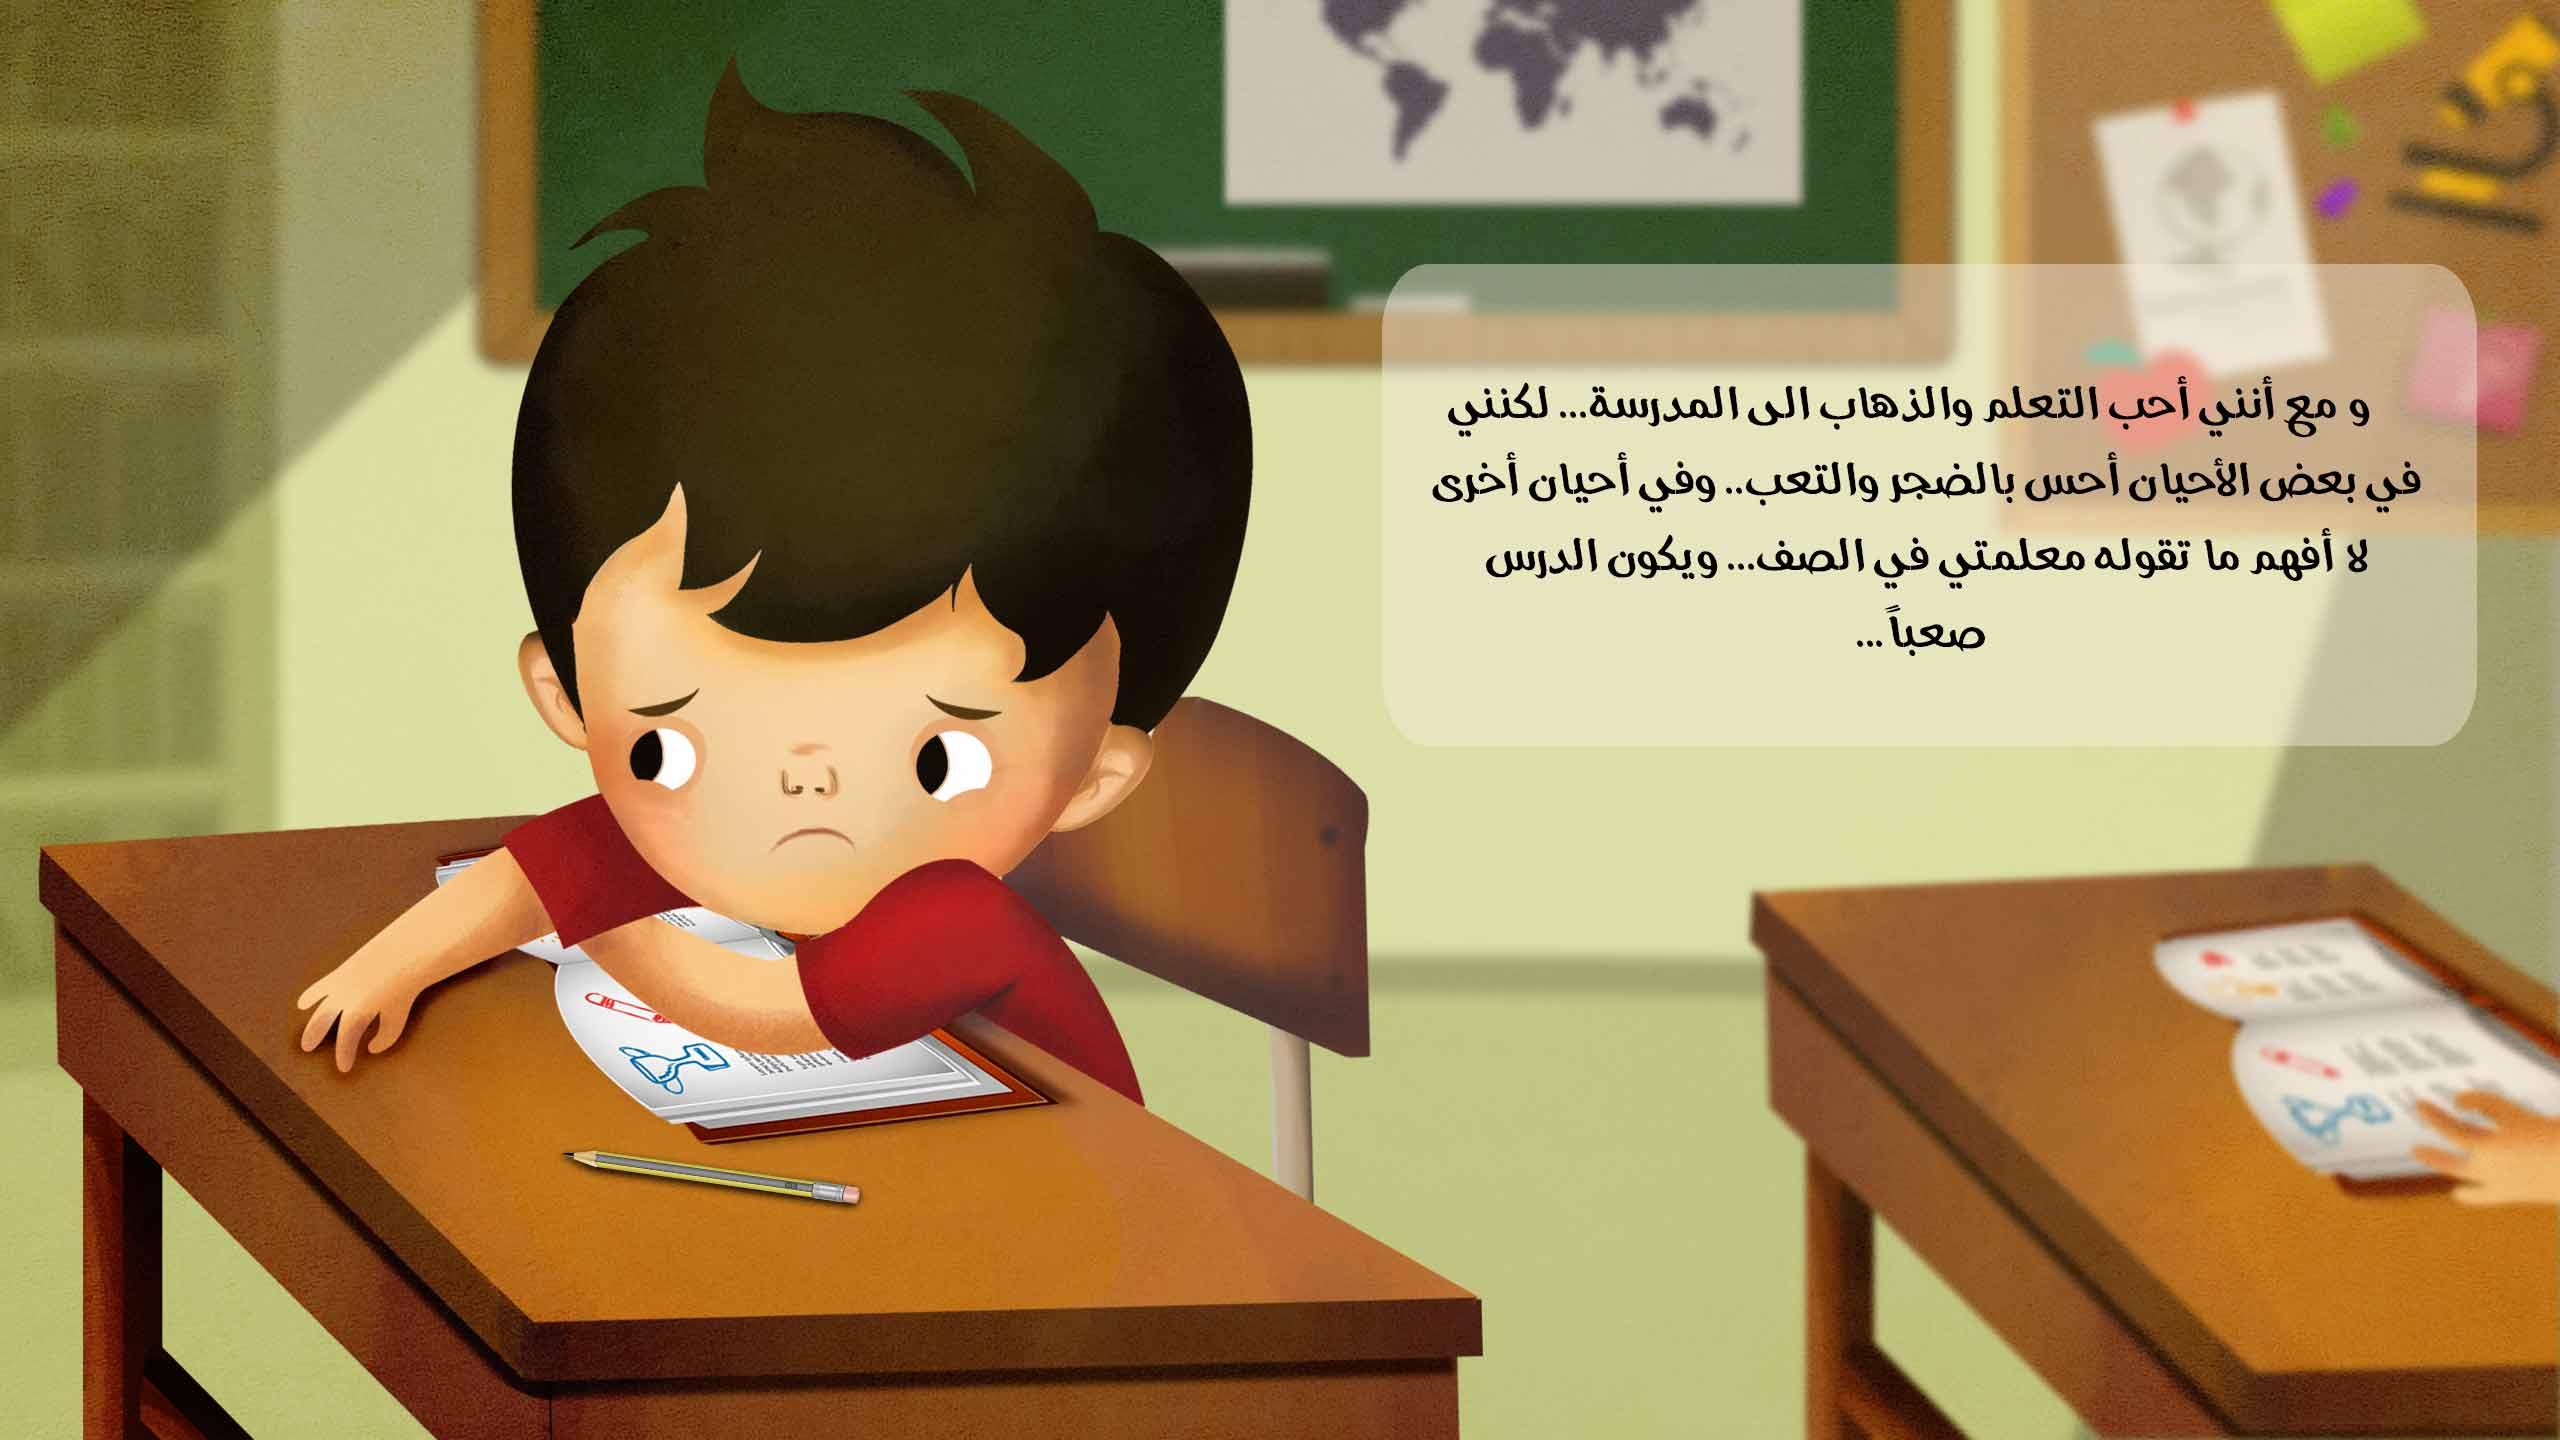 بالصور قصص اطفال قصيرة بالصور , اسماء قصص قصيرة مسلية للاطفال 5671 6